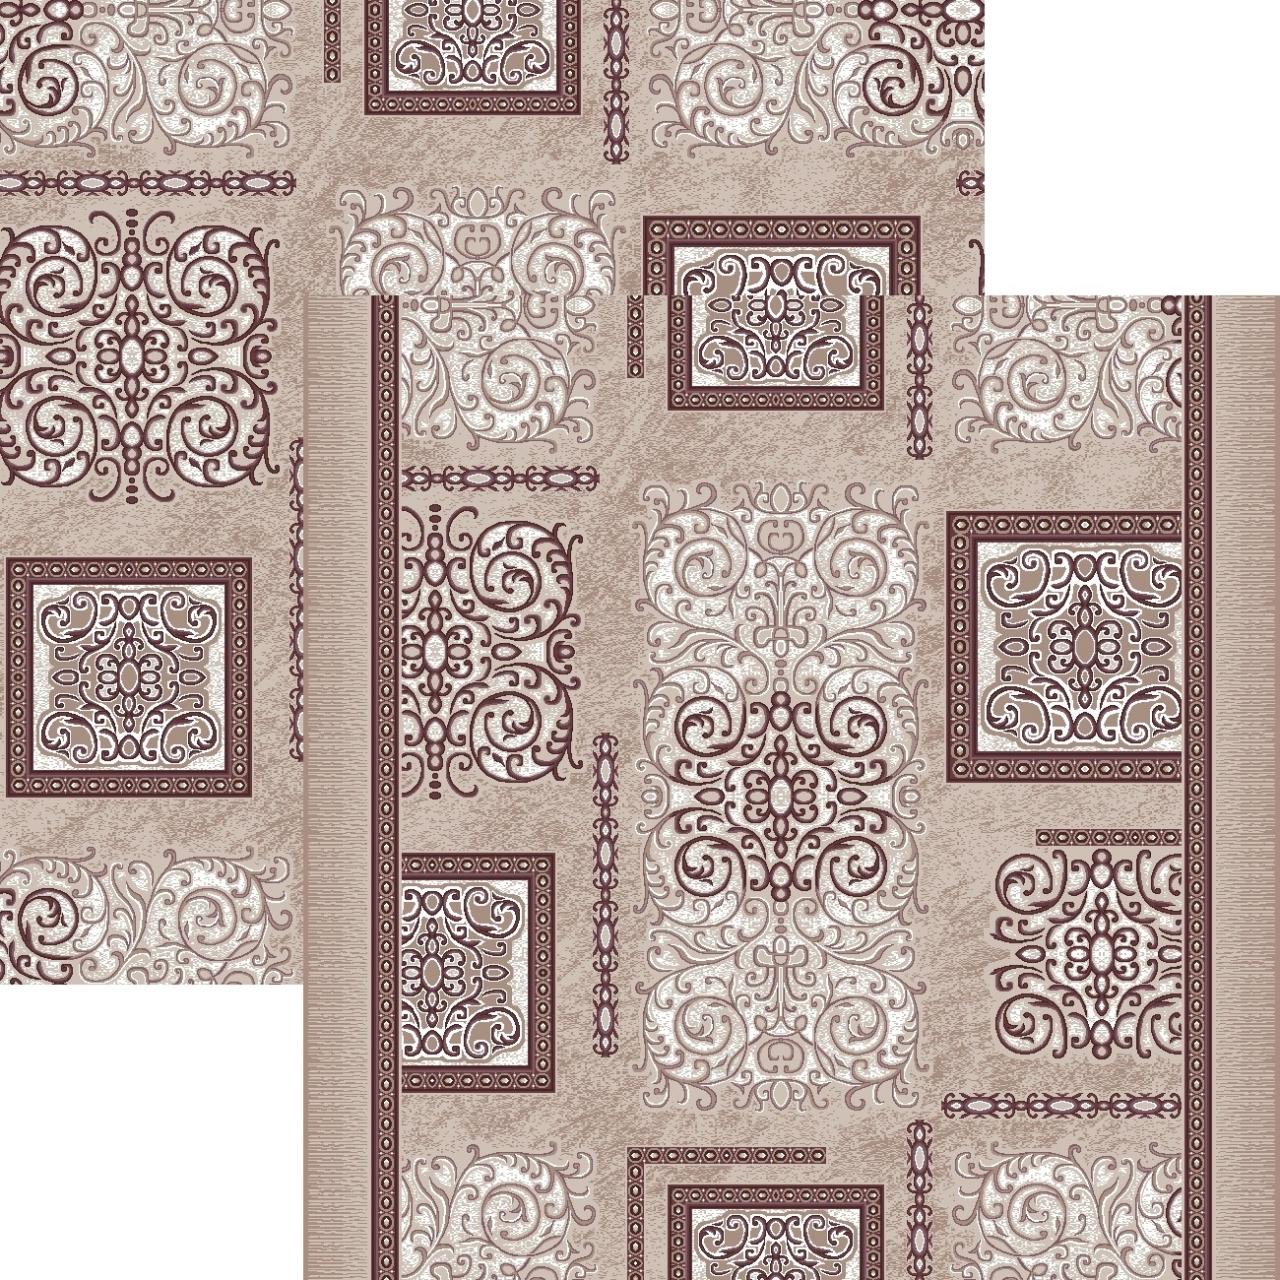 Ковровая дорожка p1614c5p - 93 - коллекция принт 8-ми цветное полотно - фото 1